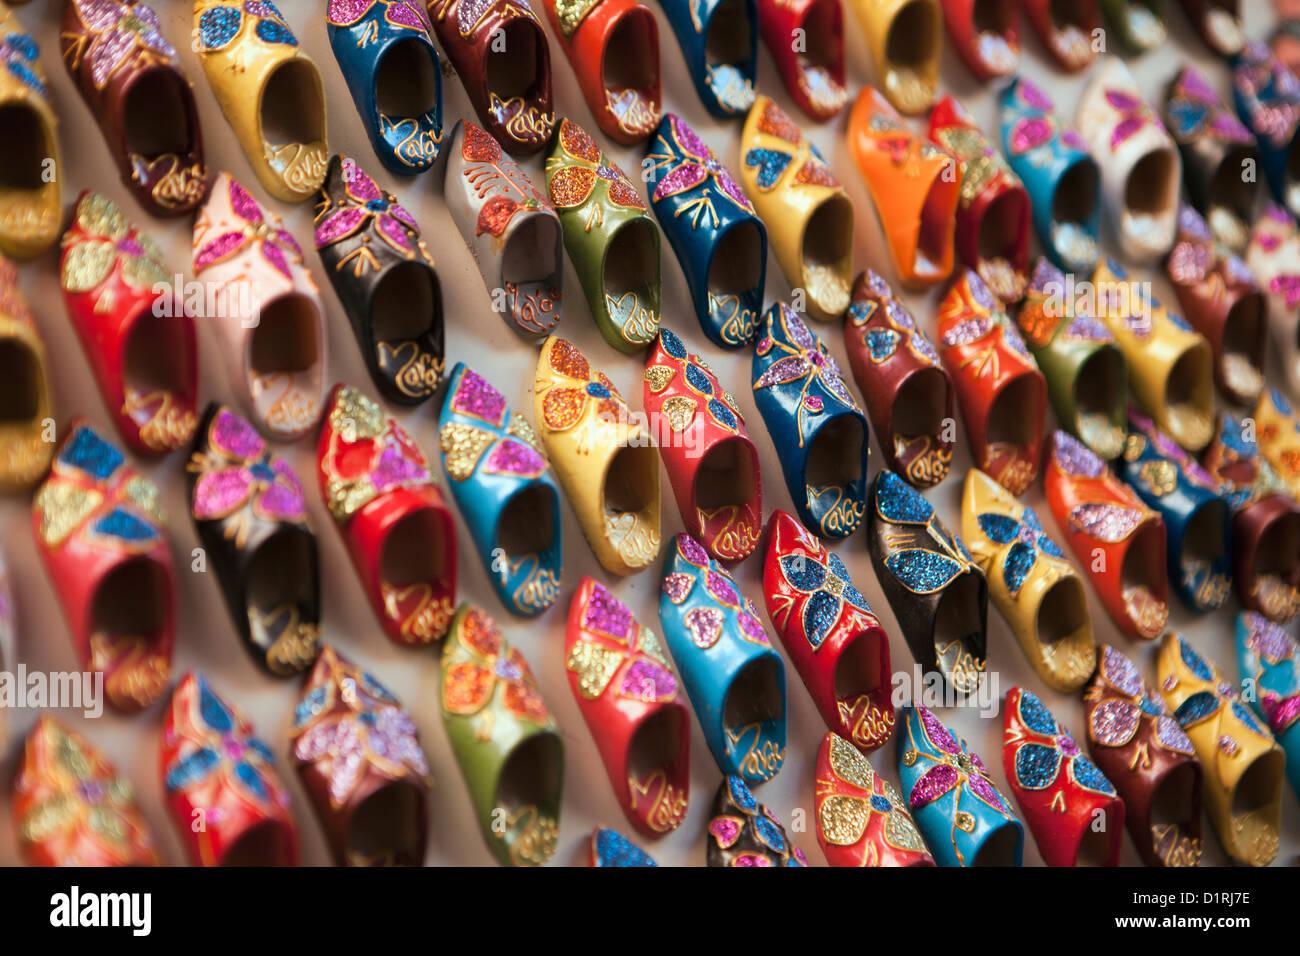 Il Marocco Marrakech, Mercato. Piccoli muli o babouches in vendita. Immagini Stock